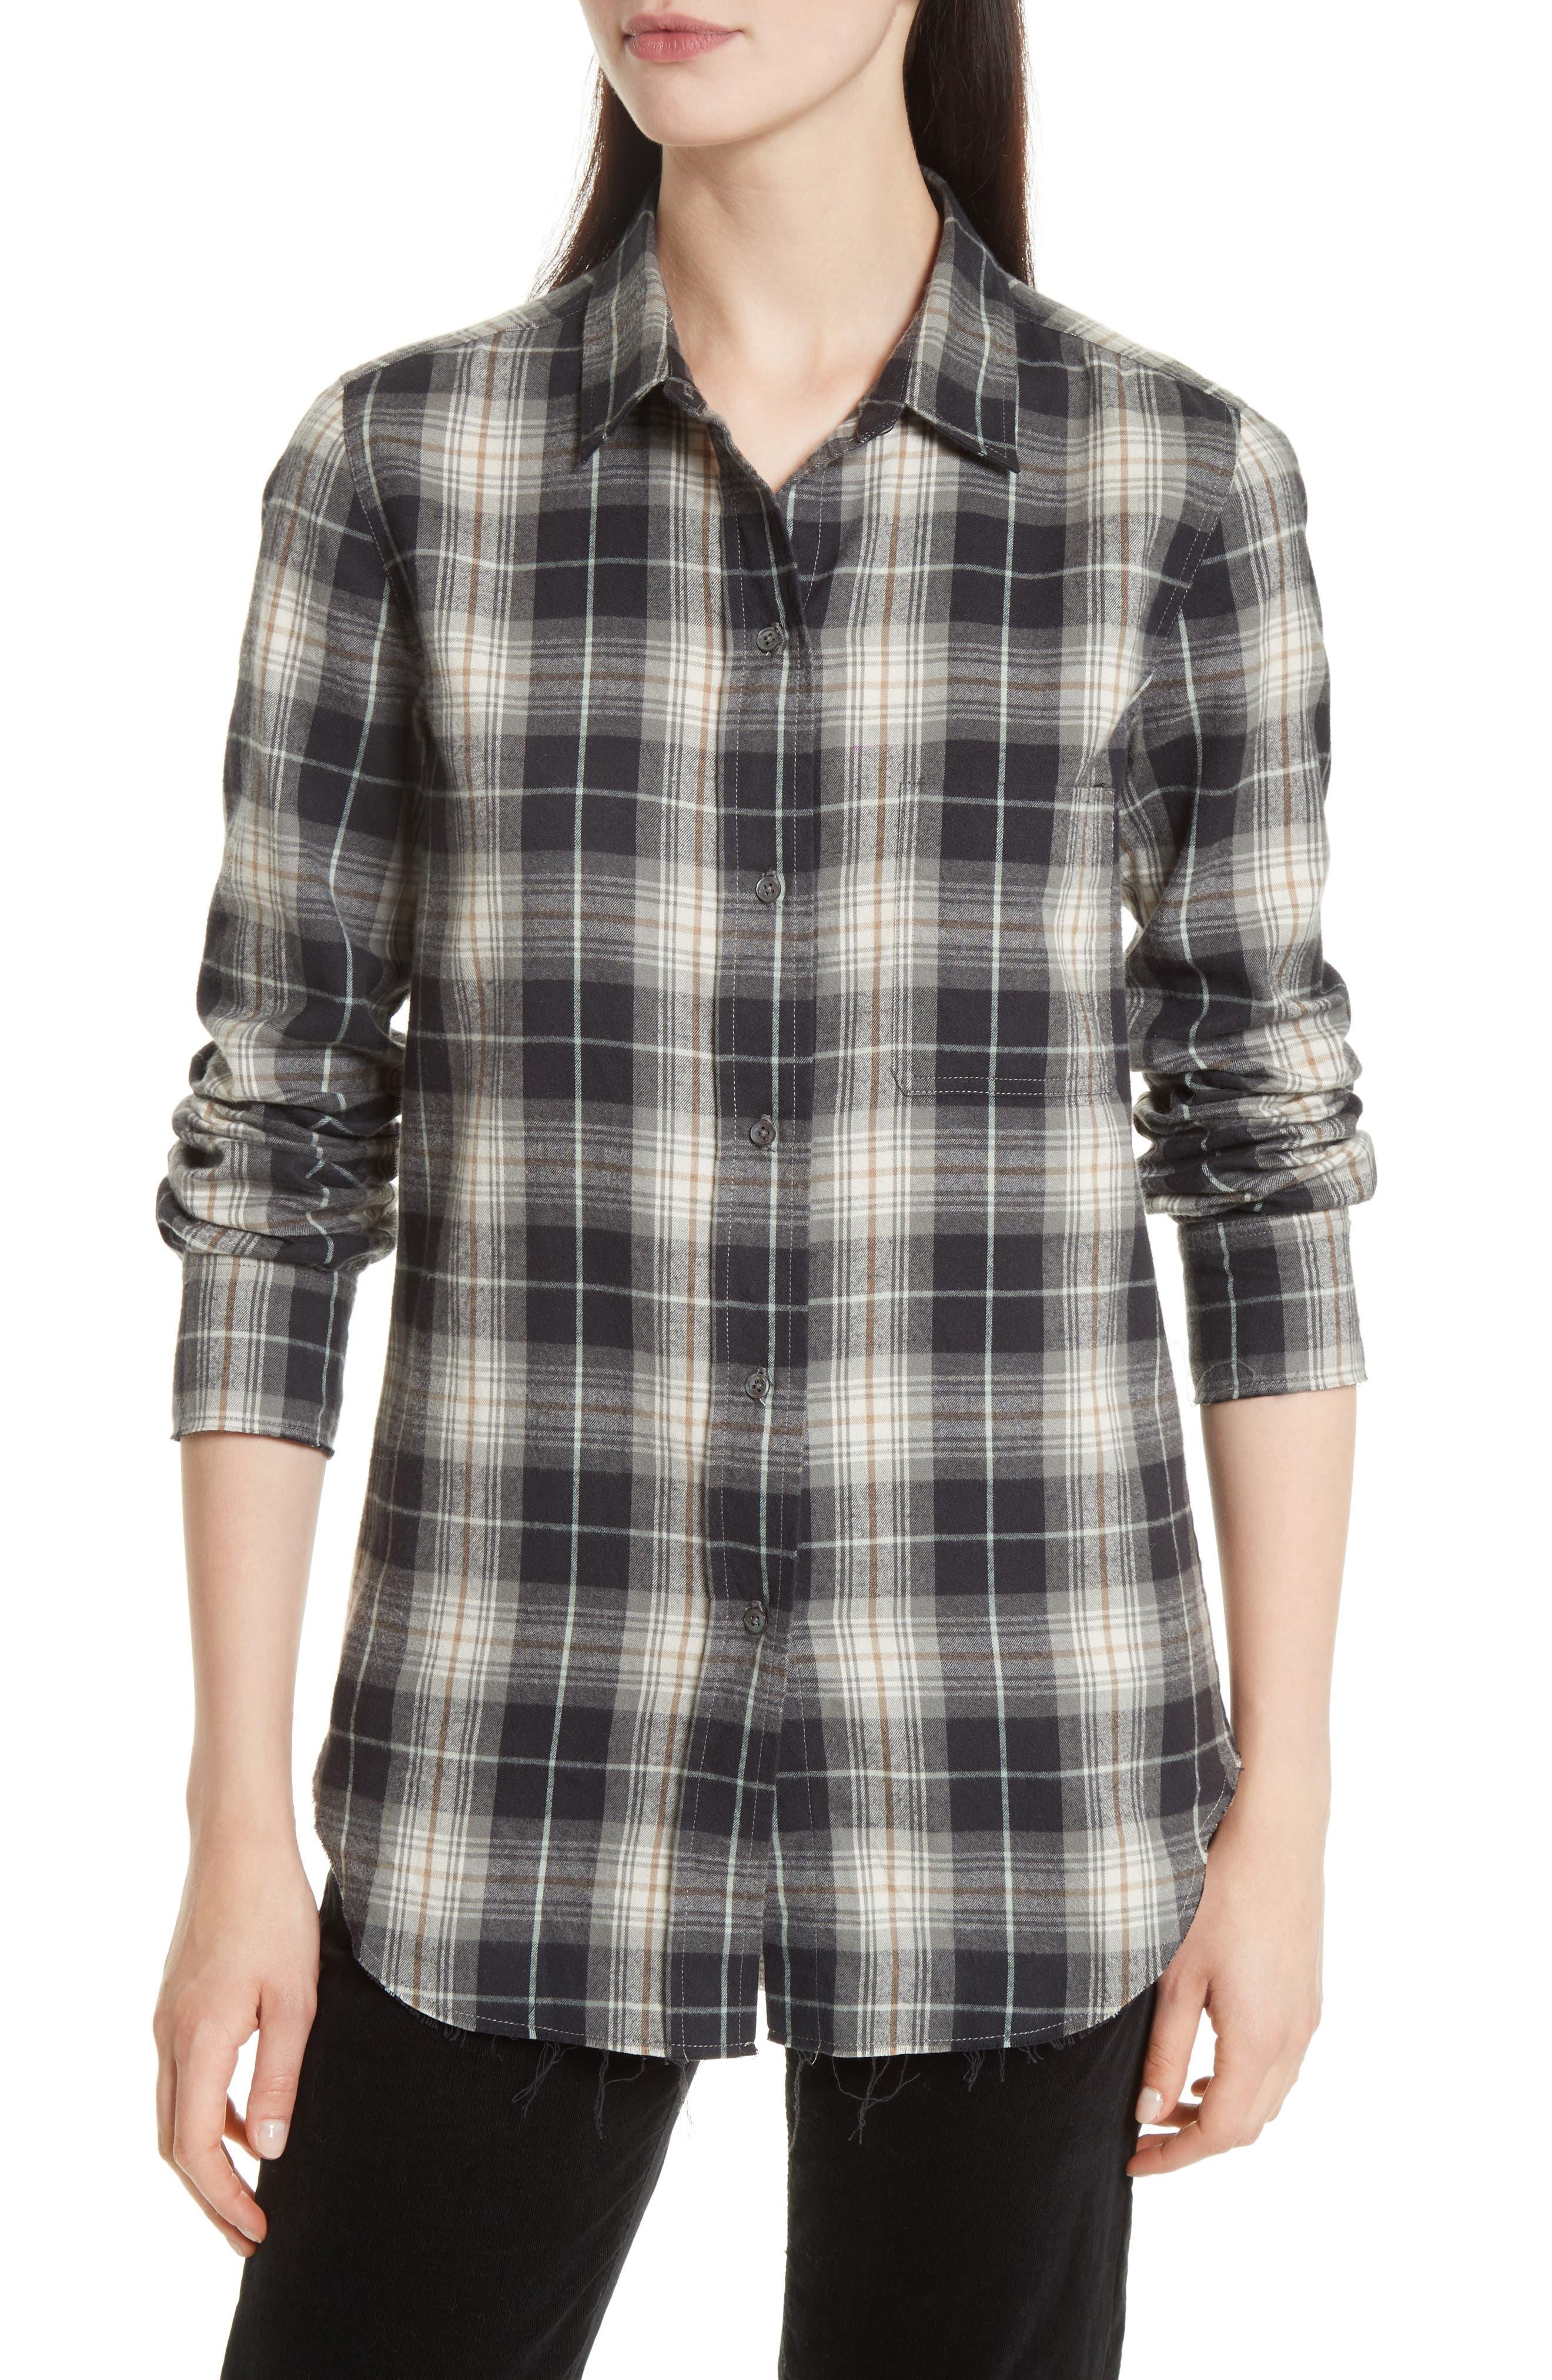 VINCE Tartan Plaid Oversize Shirt